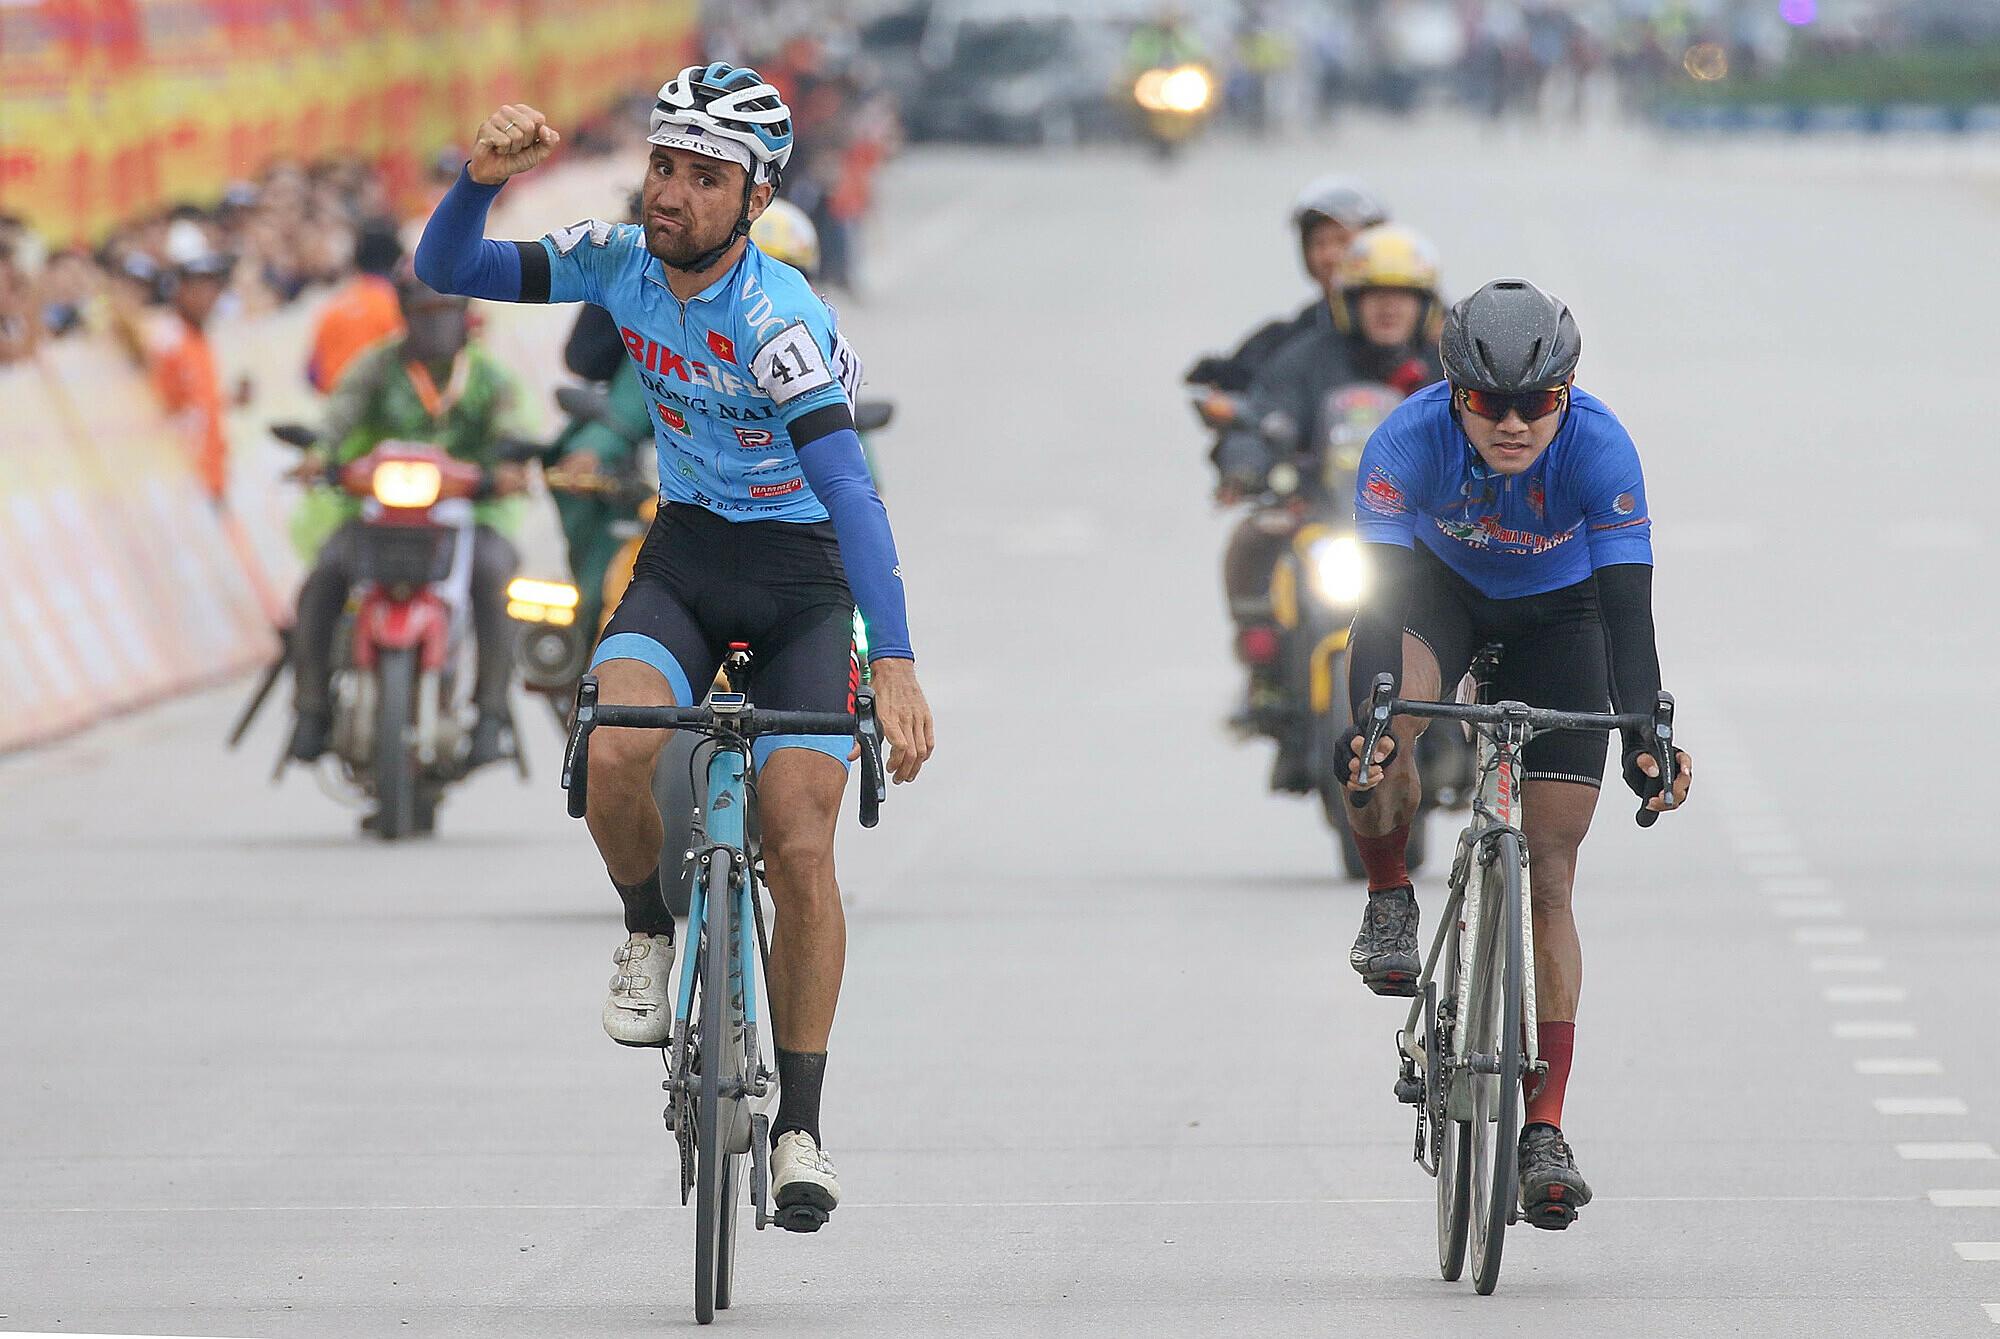 Lựa chọn thời điểm tấn công thích hợp (Loic Desriac, trái) đã đánh bại vua nước rút Nguyễn Tấn Hoài ở đích đến. Ảnh: Tôn Đông Á.